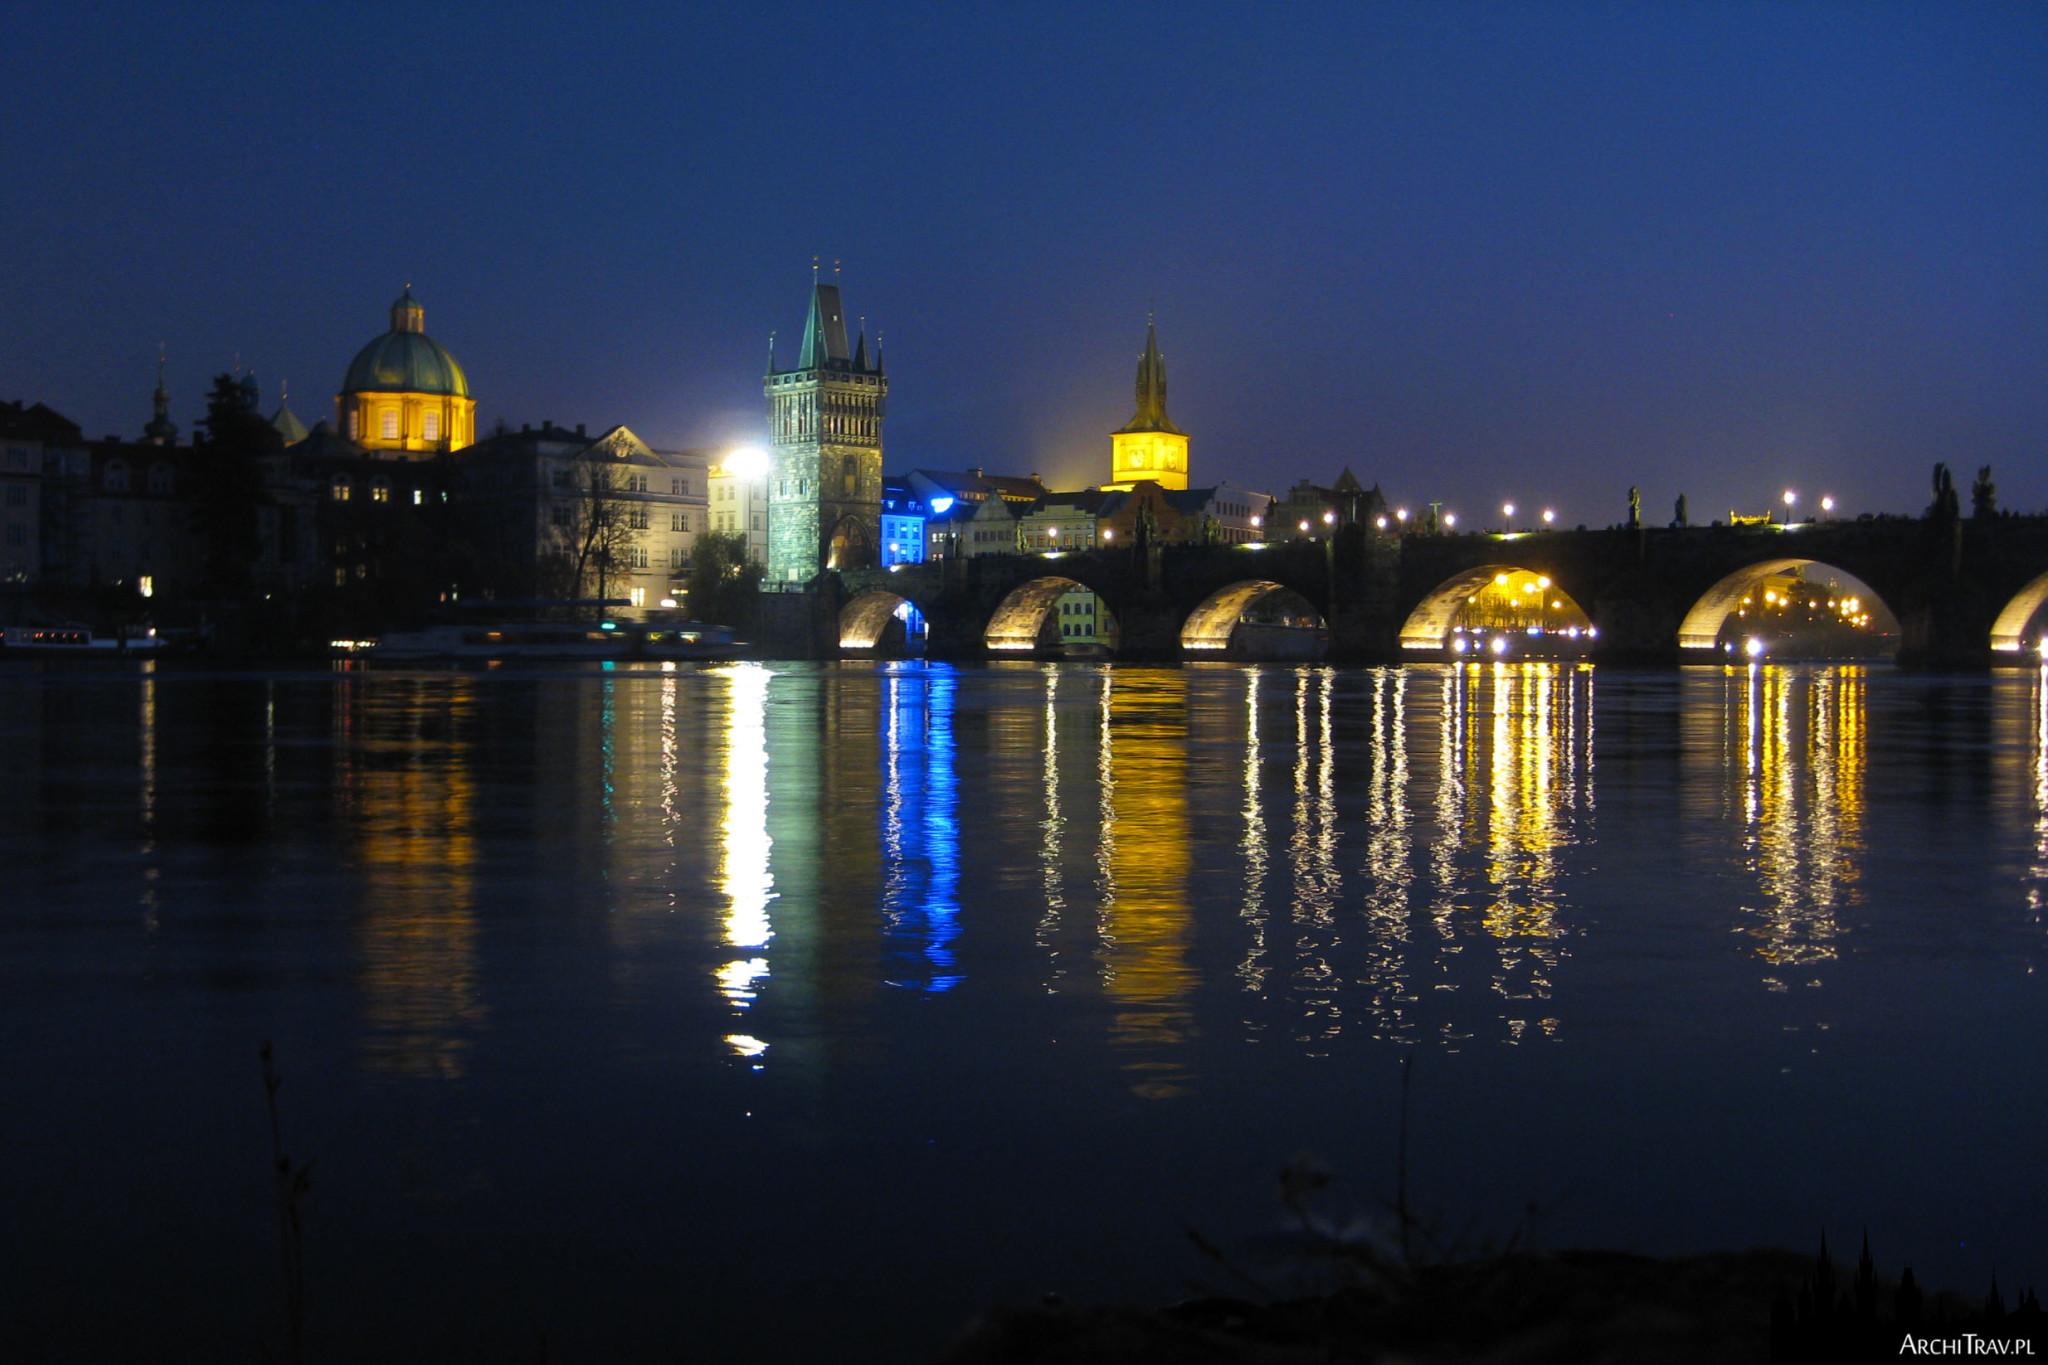 Widok na Most Karola w nocy w kierunku Starego Miasta